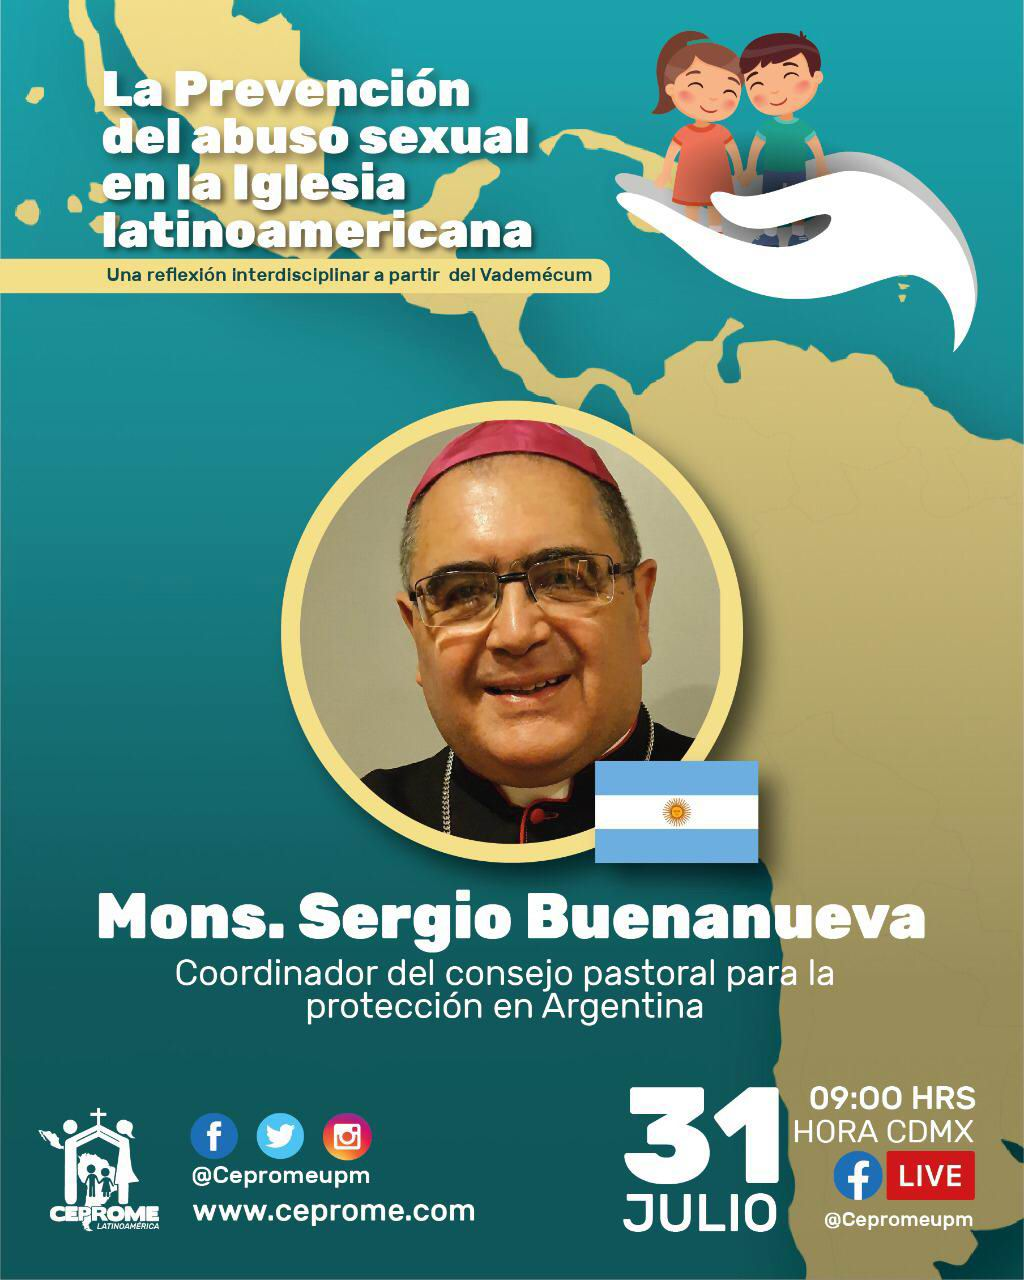 Participación de Mons. Sergio Buenanueva en el ciclo del CEPROME